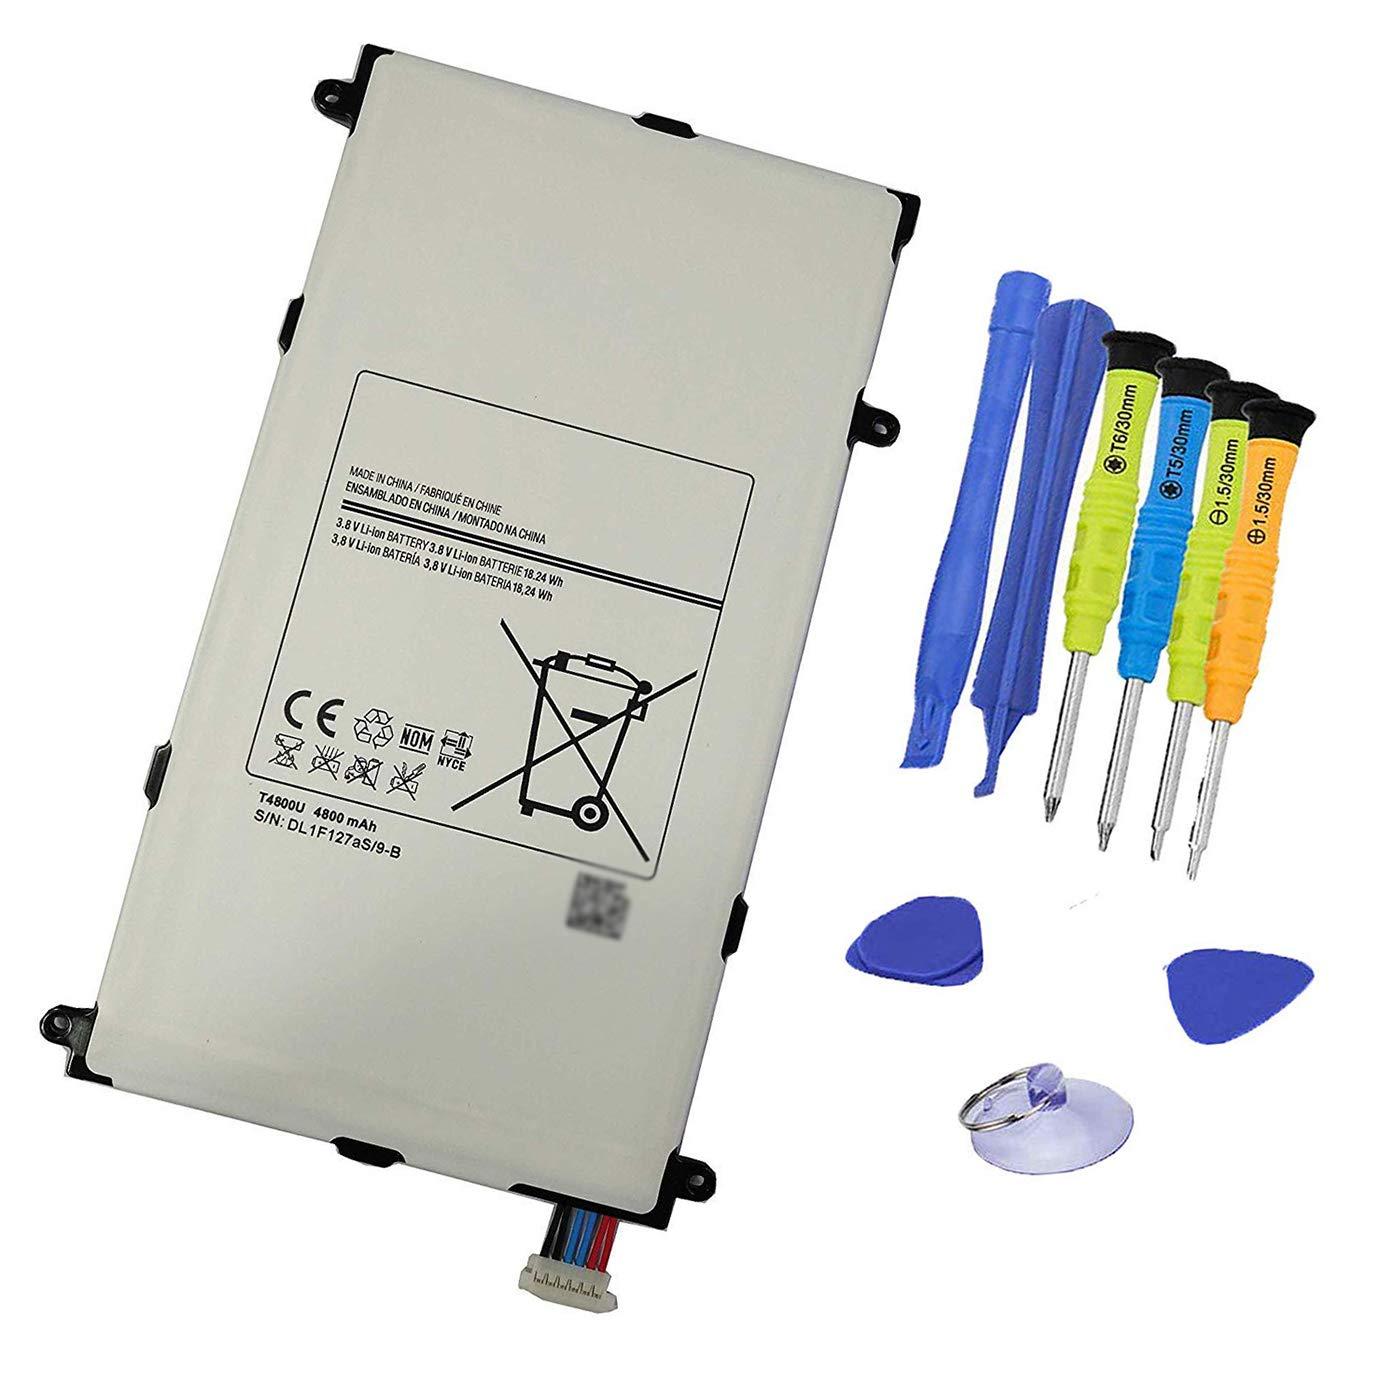 Bateria T4800U 3.8V 18.24Wh 4800mAh Tablet para Samsung Galaxy Tab Pro 8.4 SM-T325 T320 T321 Series T4800E T4800C T4800K